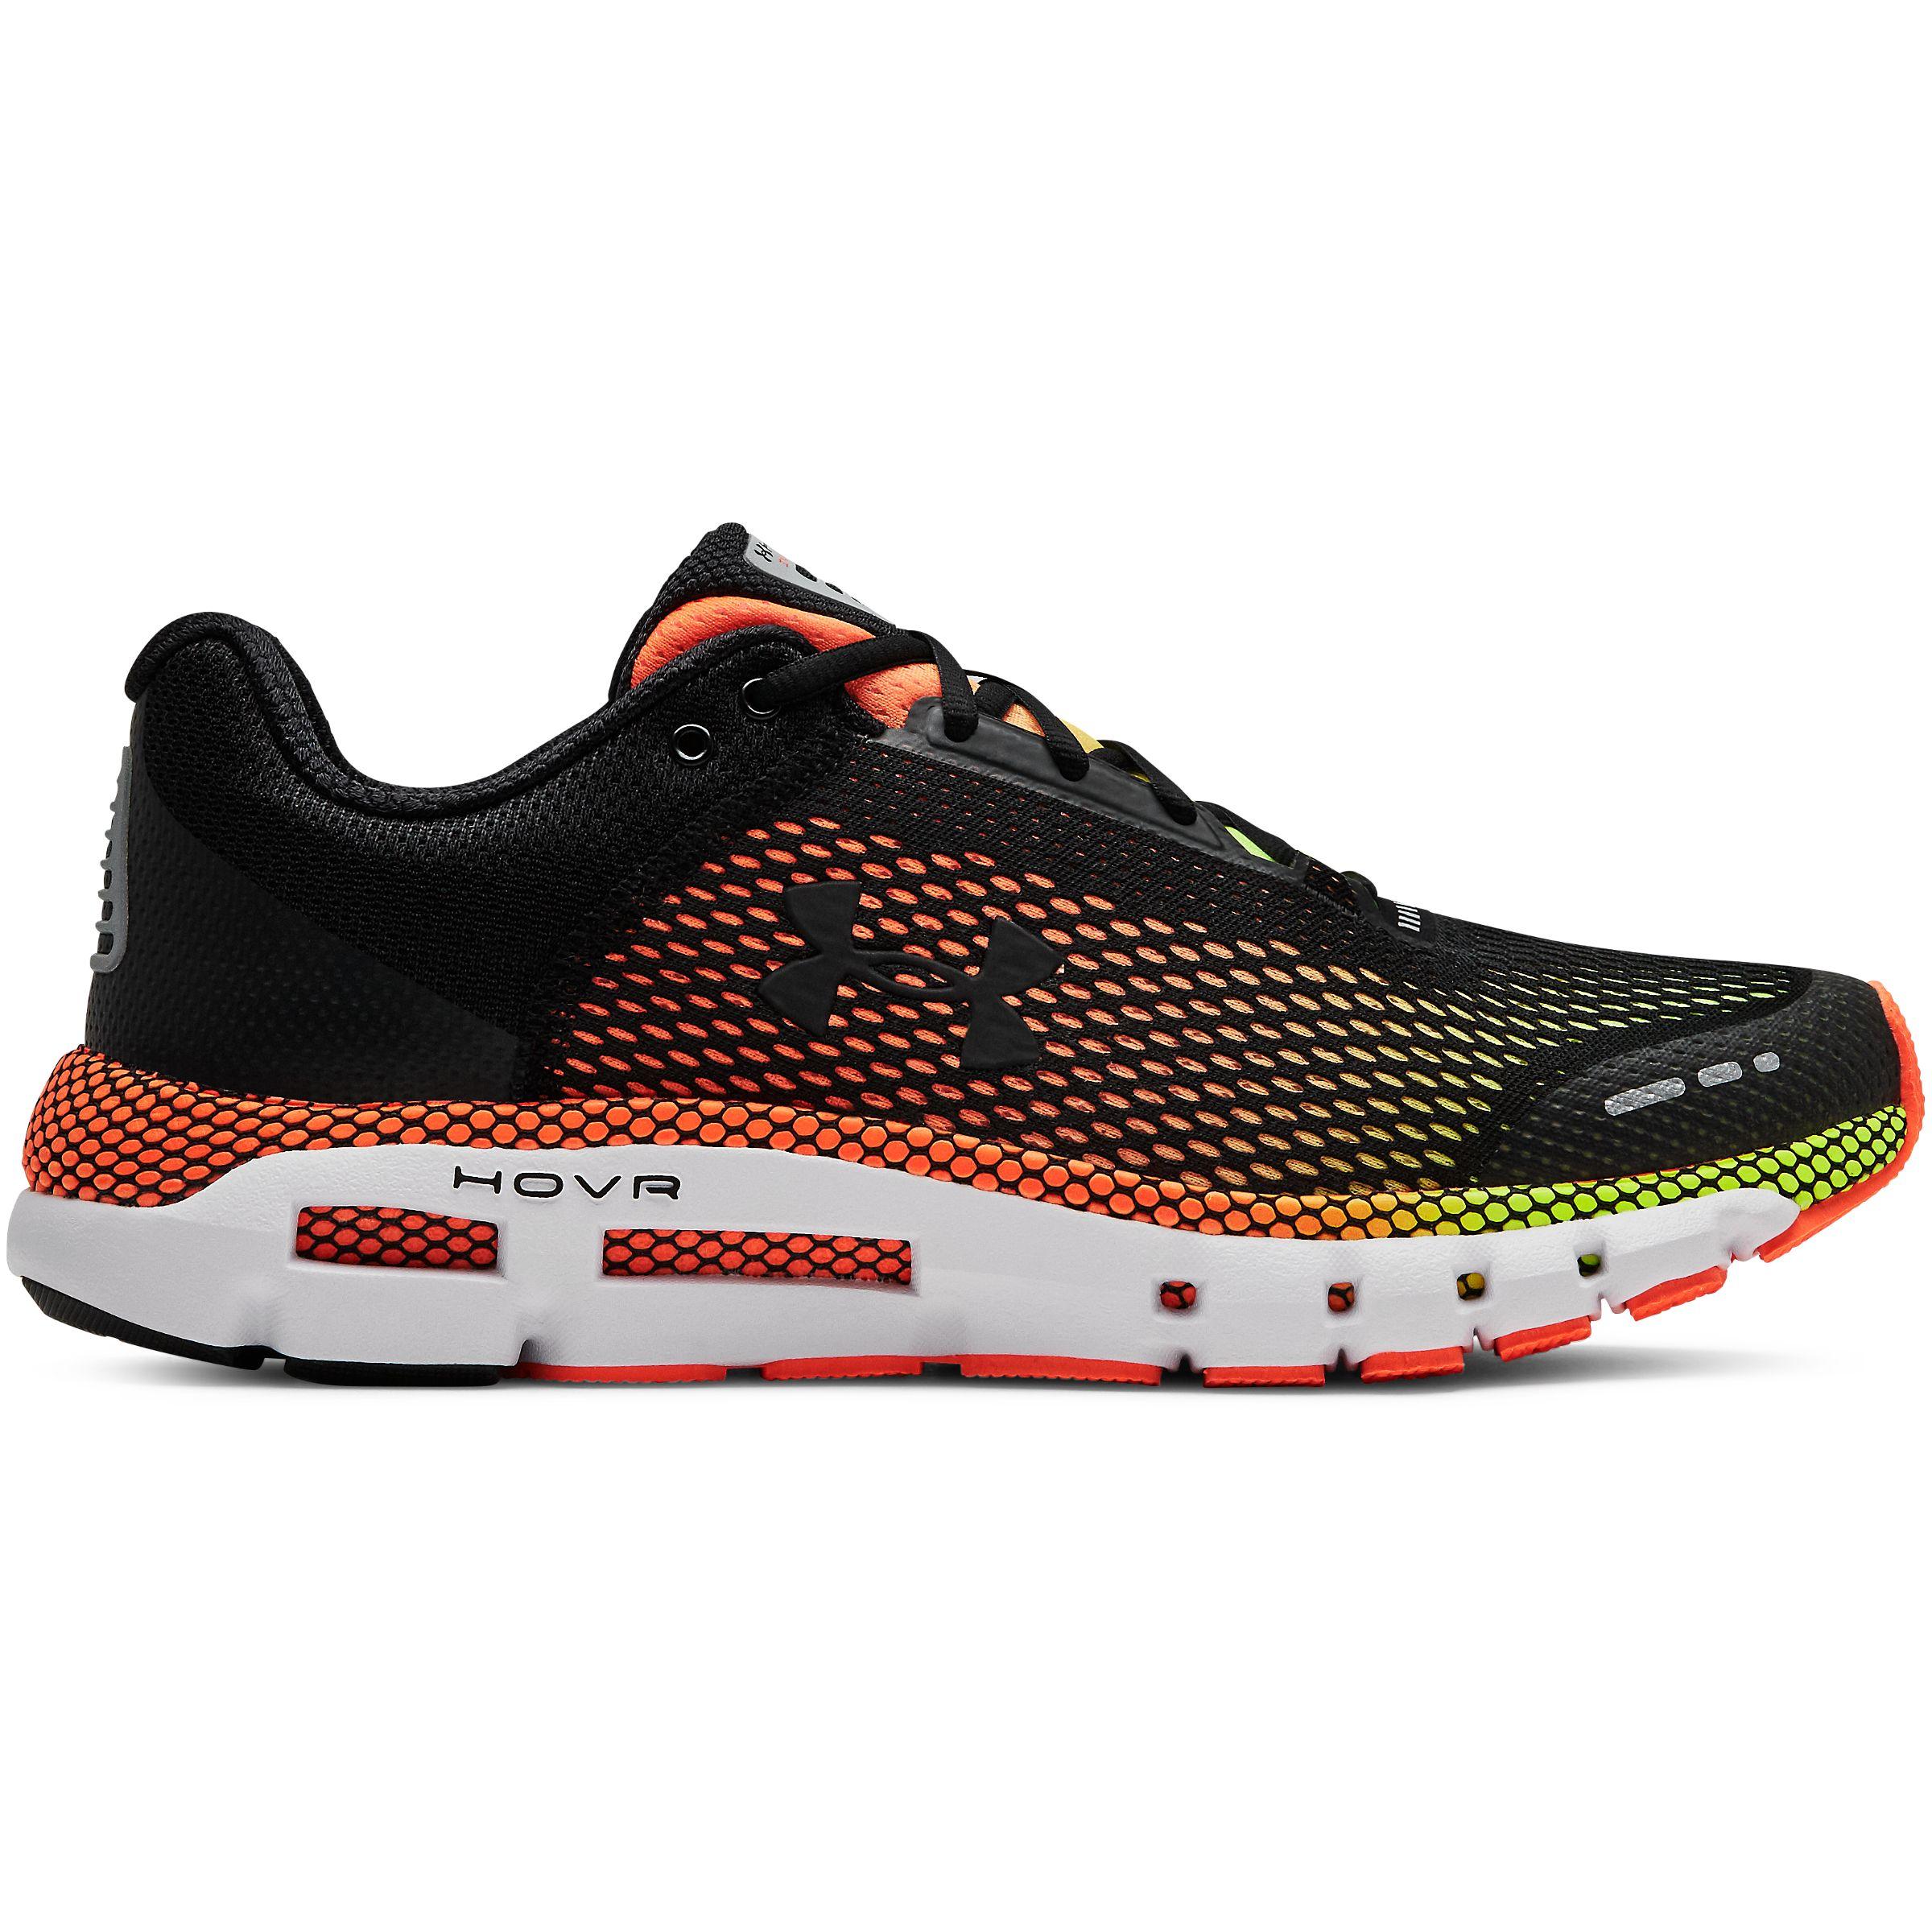 Nike, Adidas, Under Armour Las mejores zapatillas de running